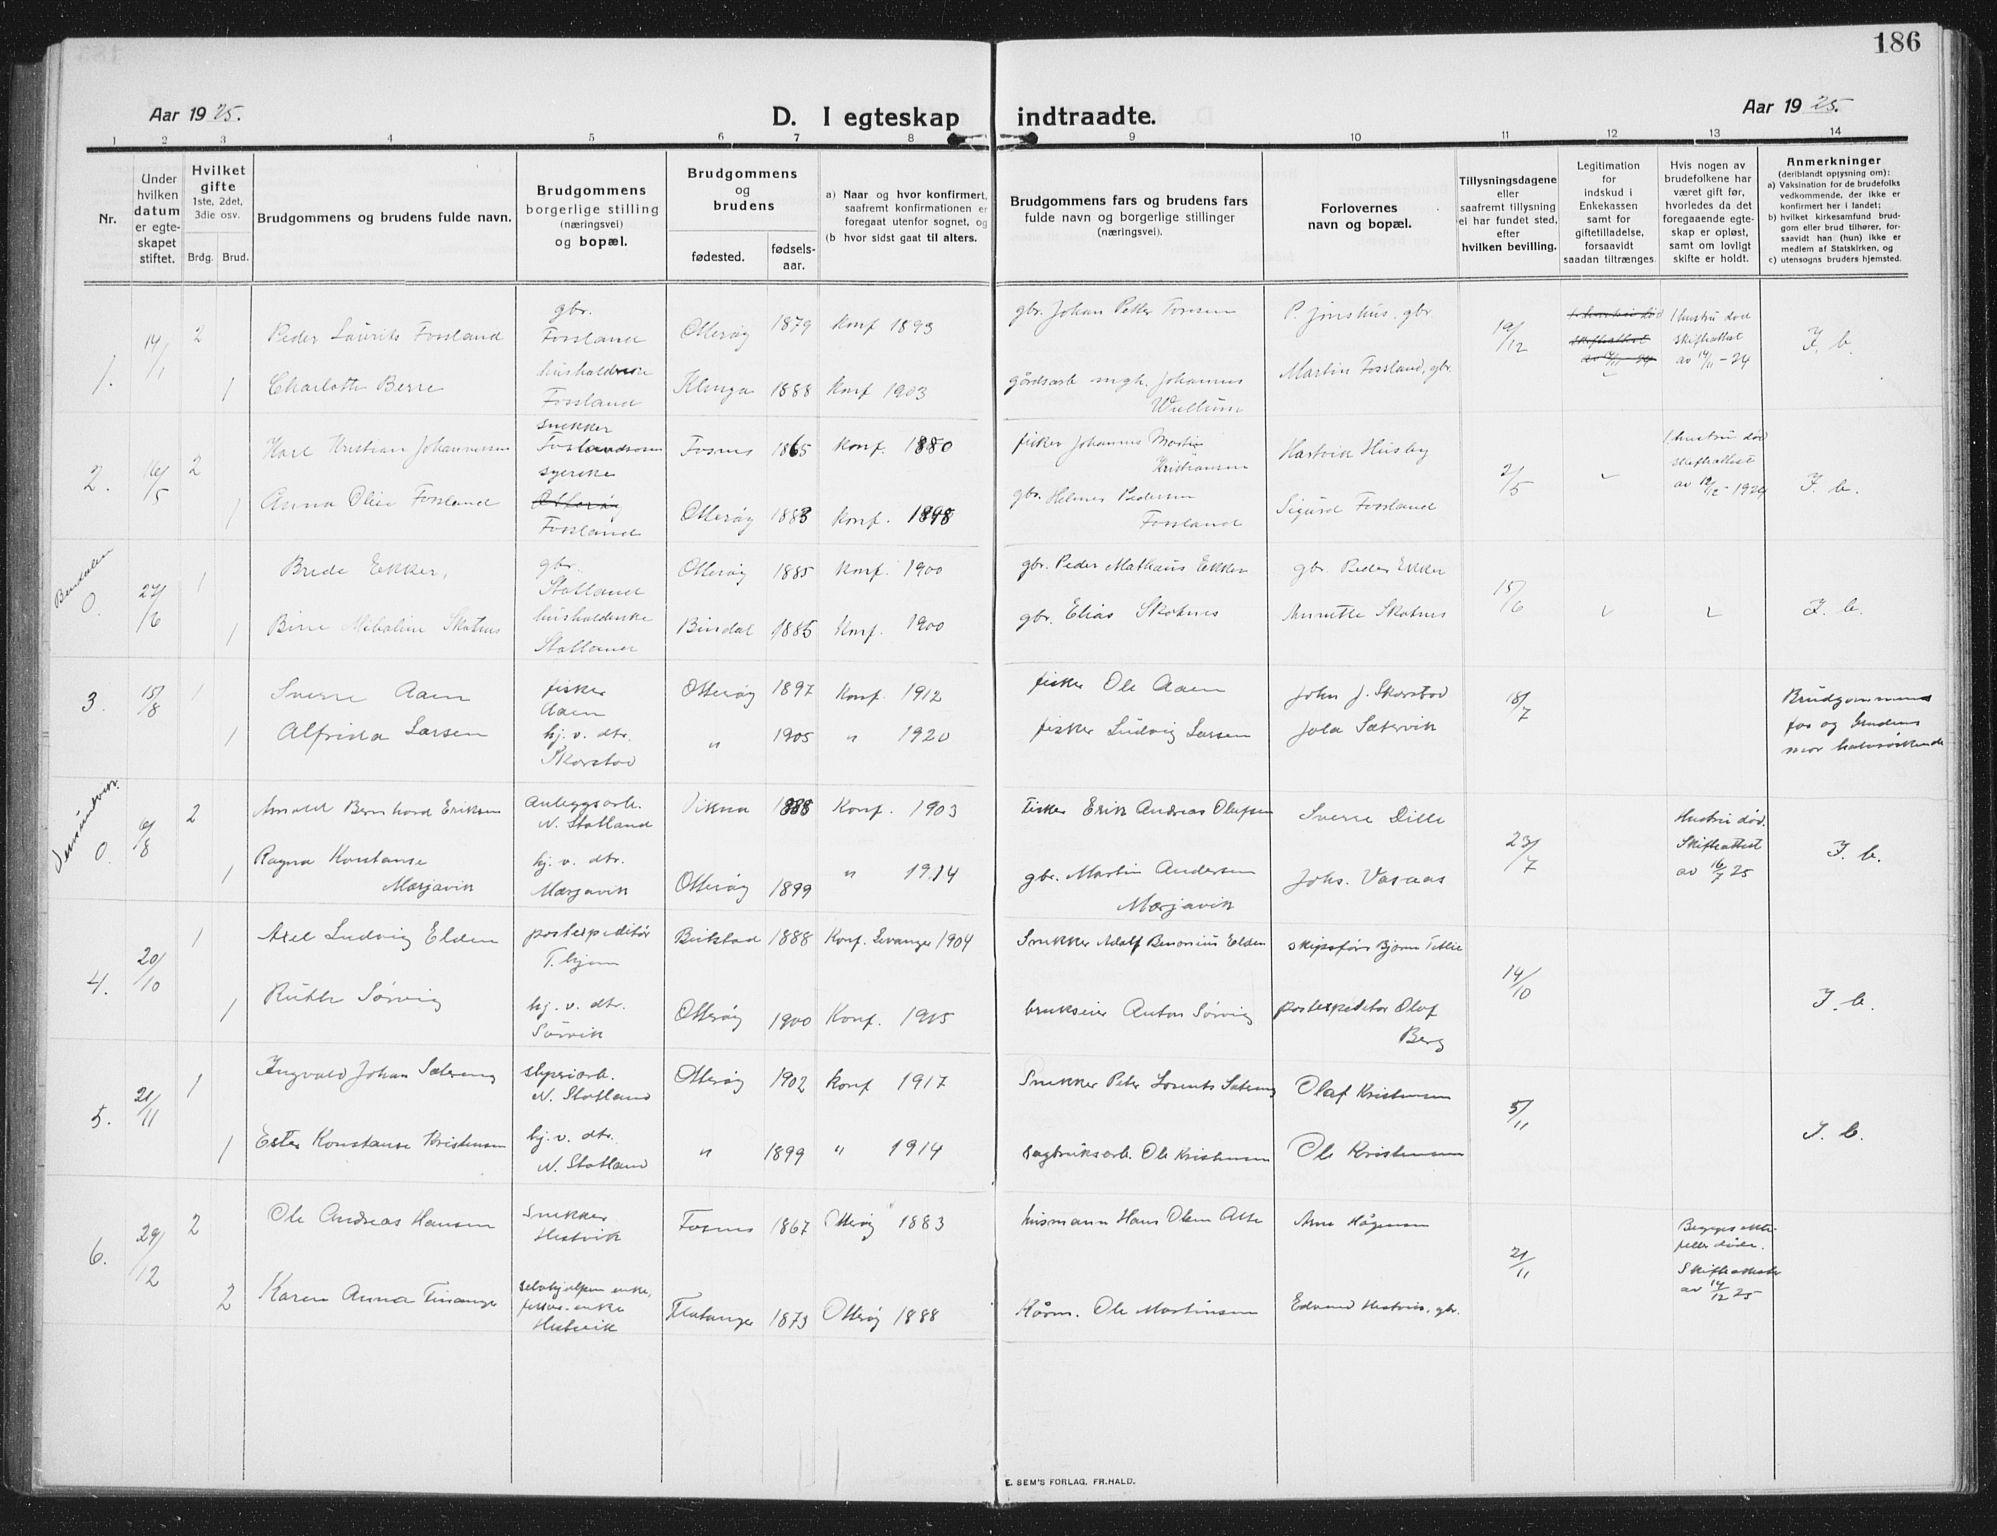 SAT, Ministerialprotokoller, klokkerbøker og fødselsregistre - Nord-Trøndelag, 774/L0630: Klokkerbok nr. 774C01, 1910-1934, s. 186